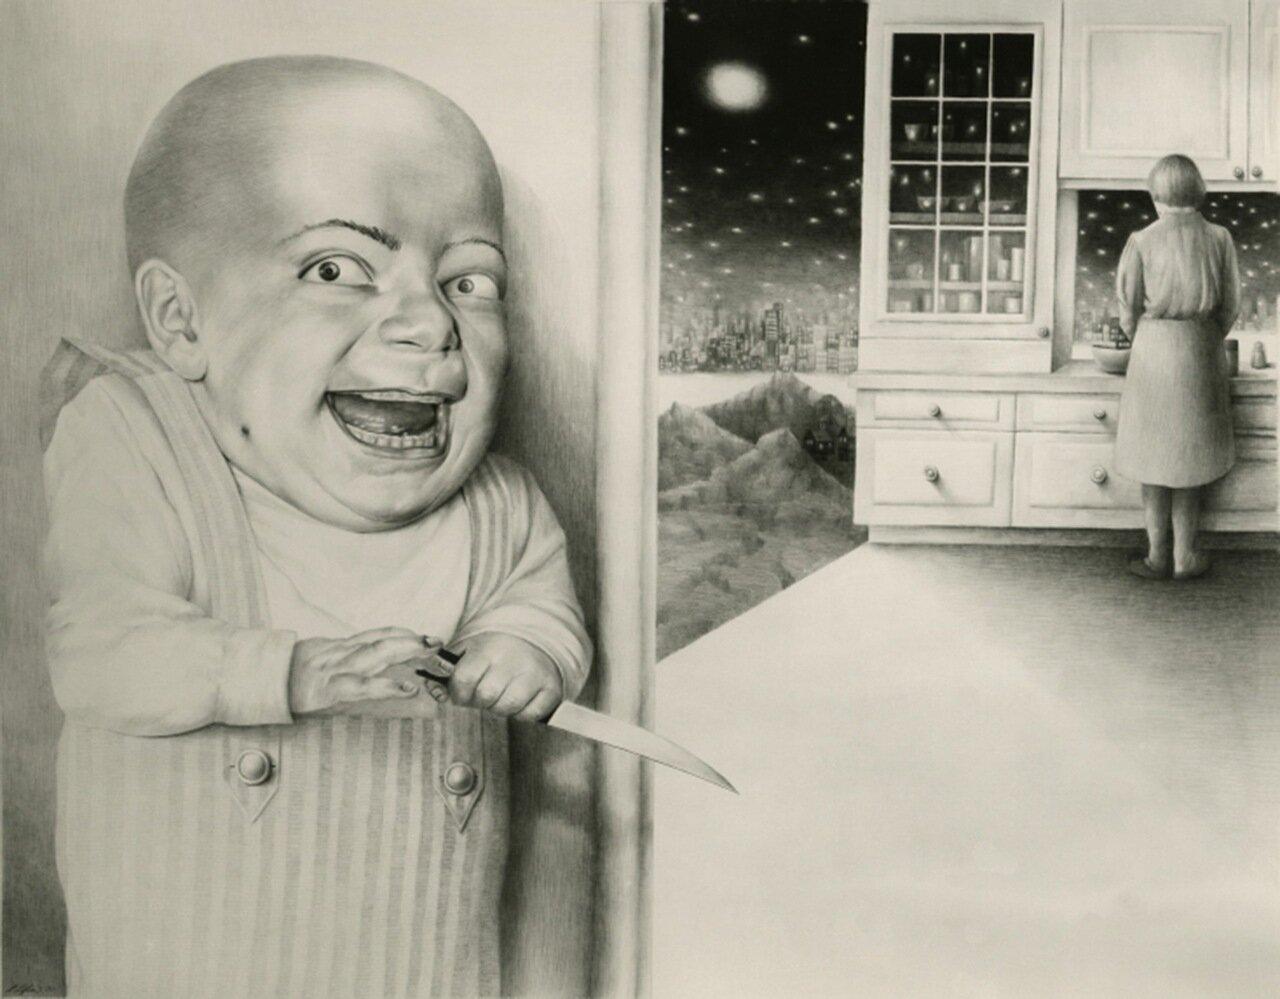 Последняя ночь. Мечта об убийстве. 1980